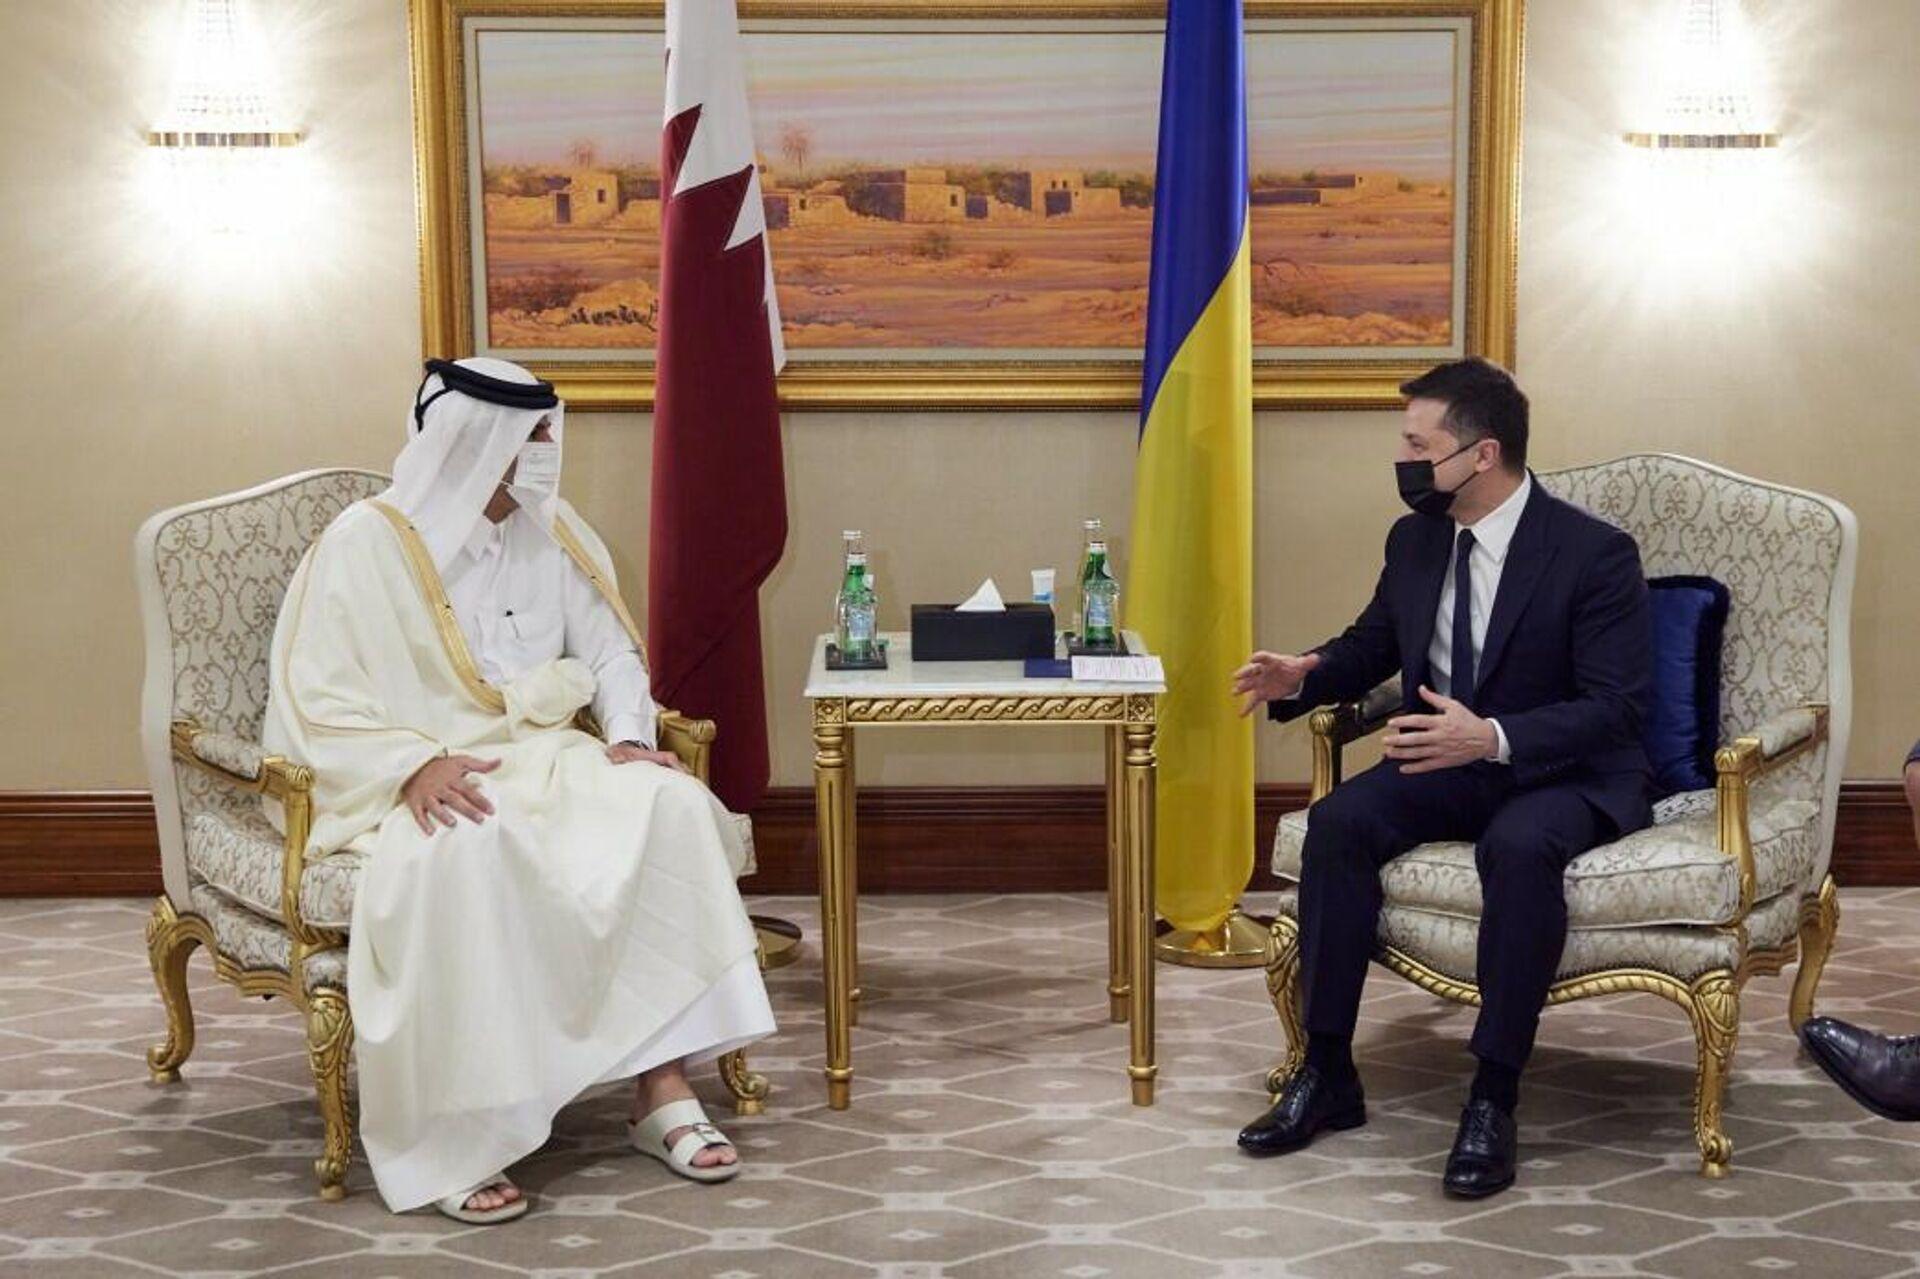 Официальный визит президента Украины в Катар  - ПРОФИ Новости, 1920, 07.04.2021